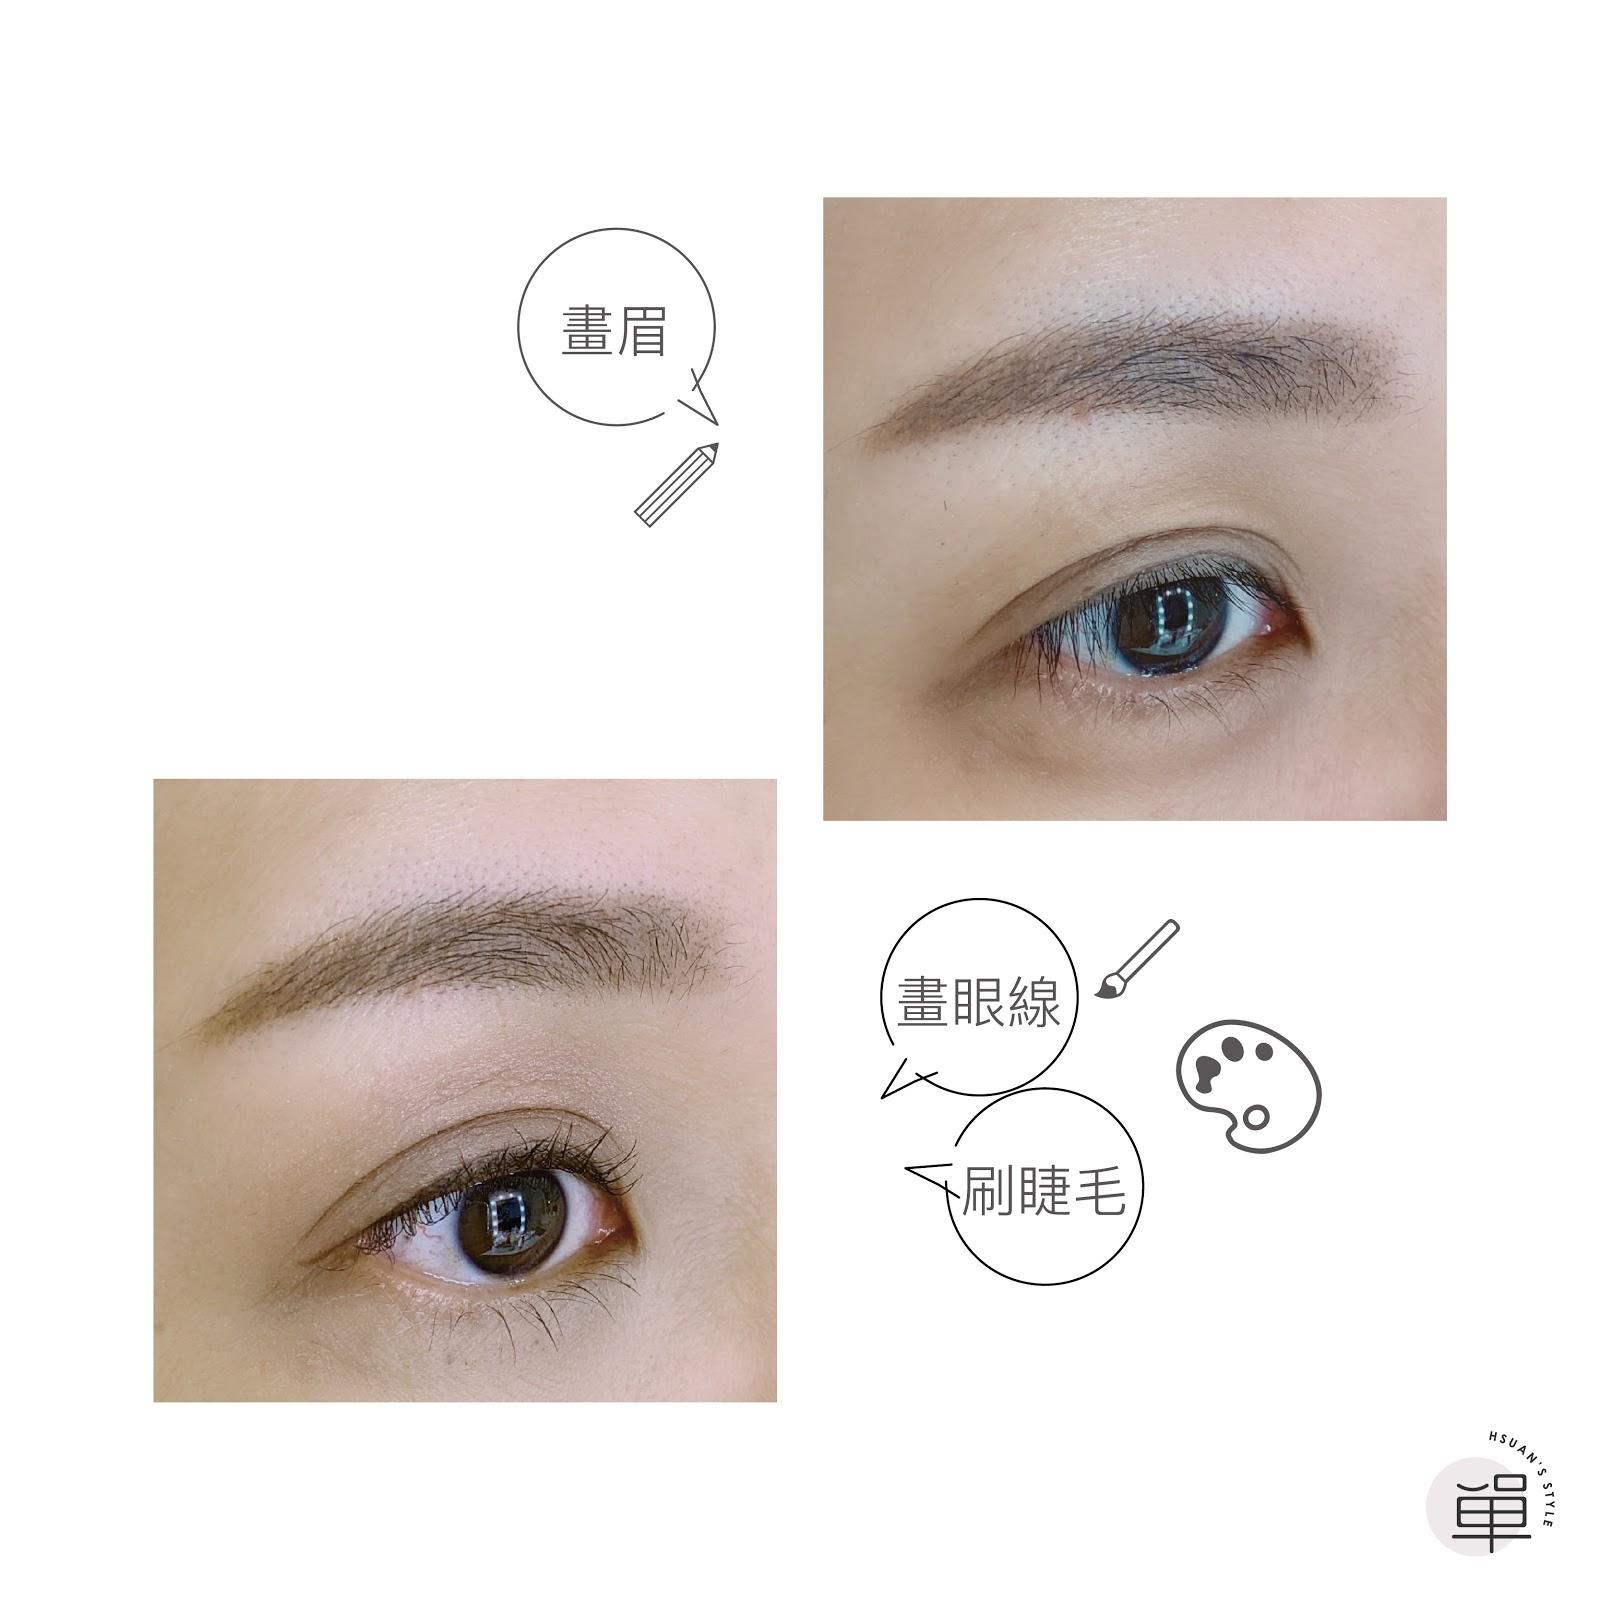 修眉畫眉方法第七篇 - 瘦身眉、截彎取直眉、精修眉